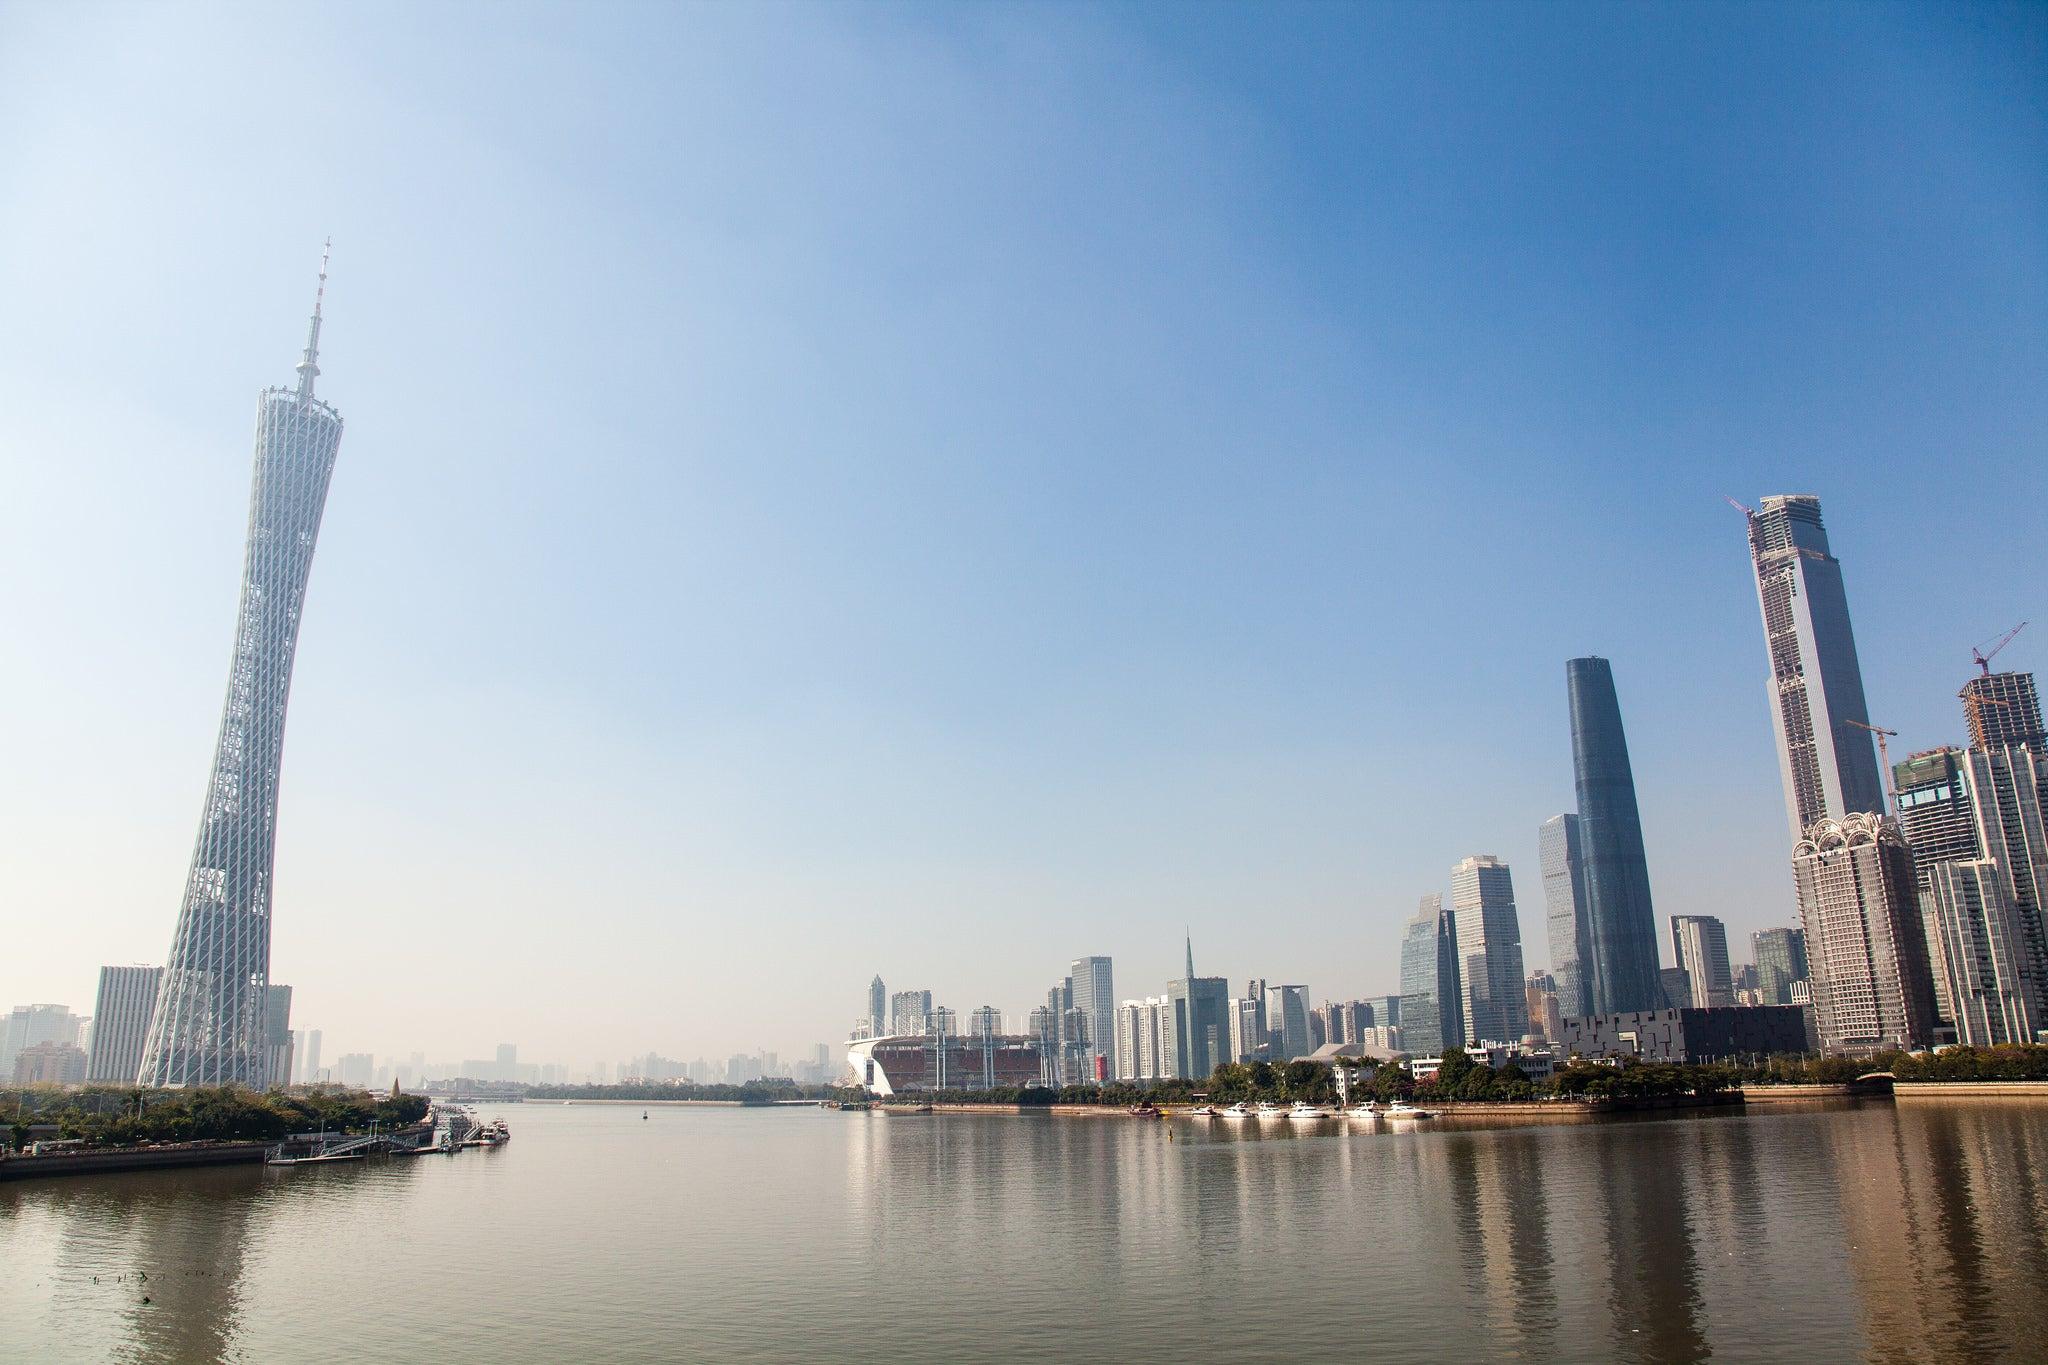 Guangzhou Tower, China